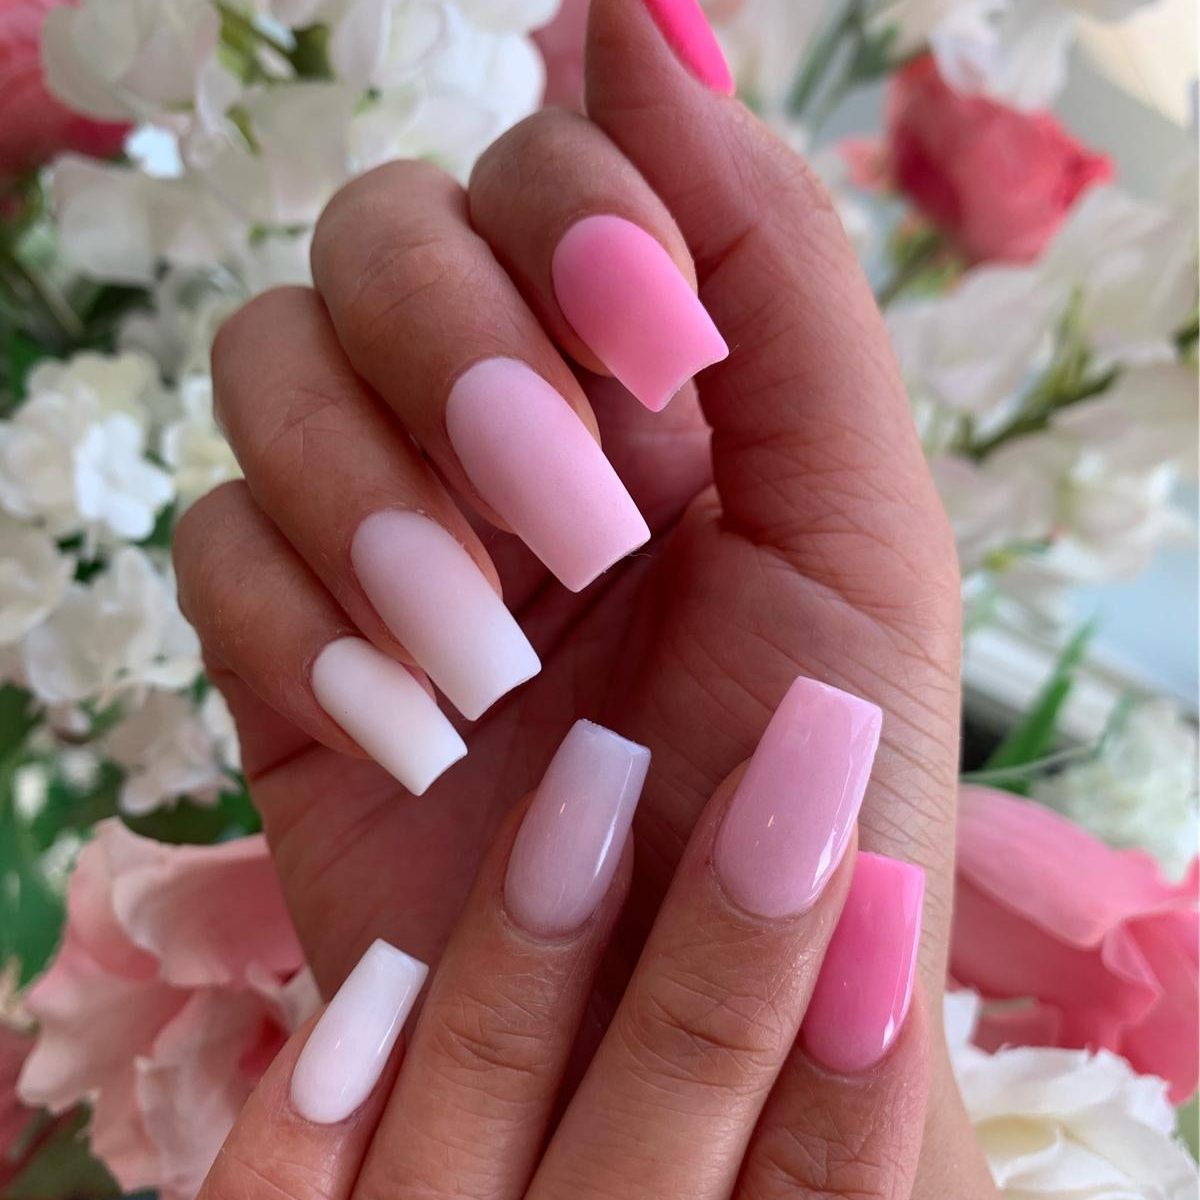 nail-design-071020-12